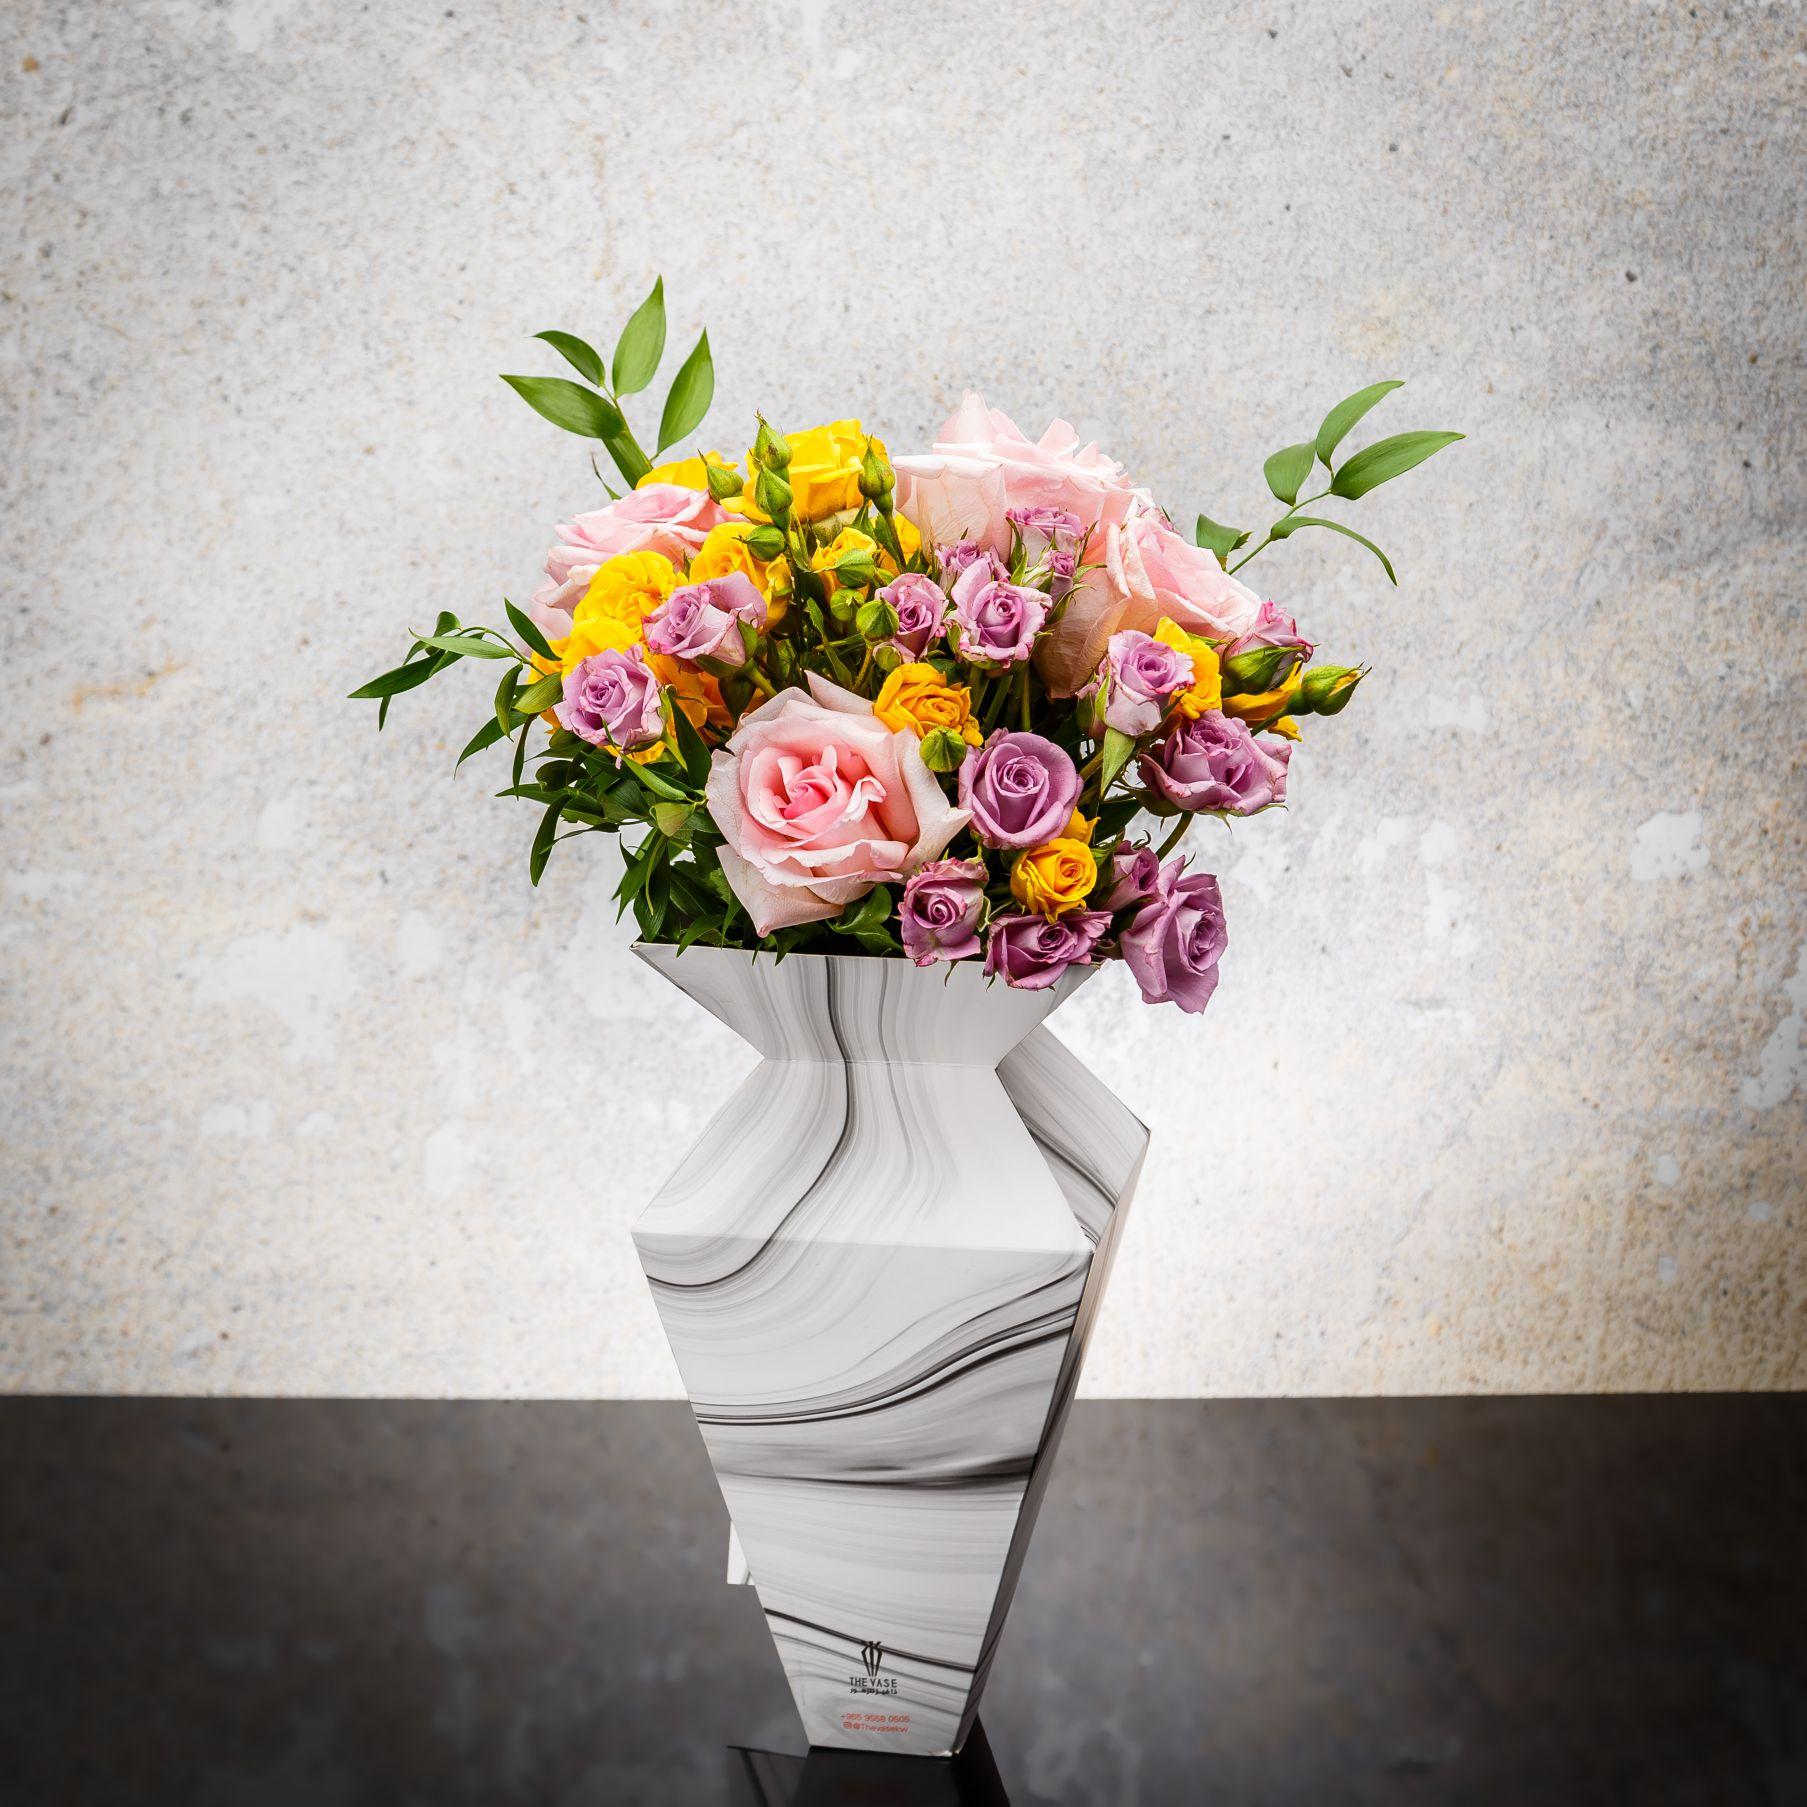 ماربل فييز 3 'زهور مع قاعدة'